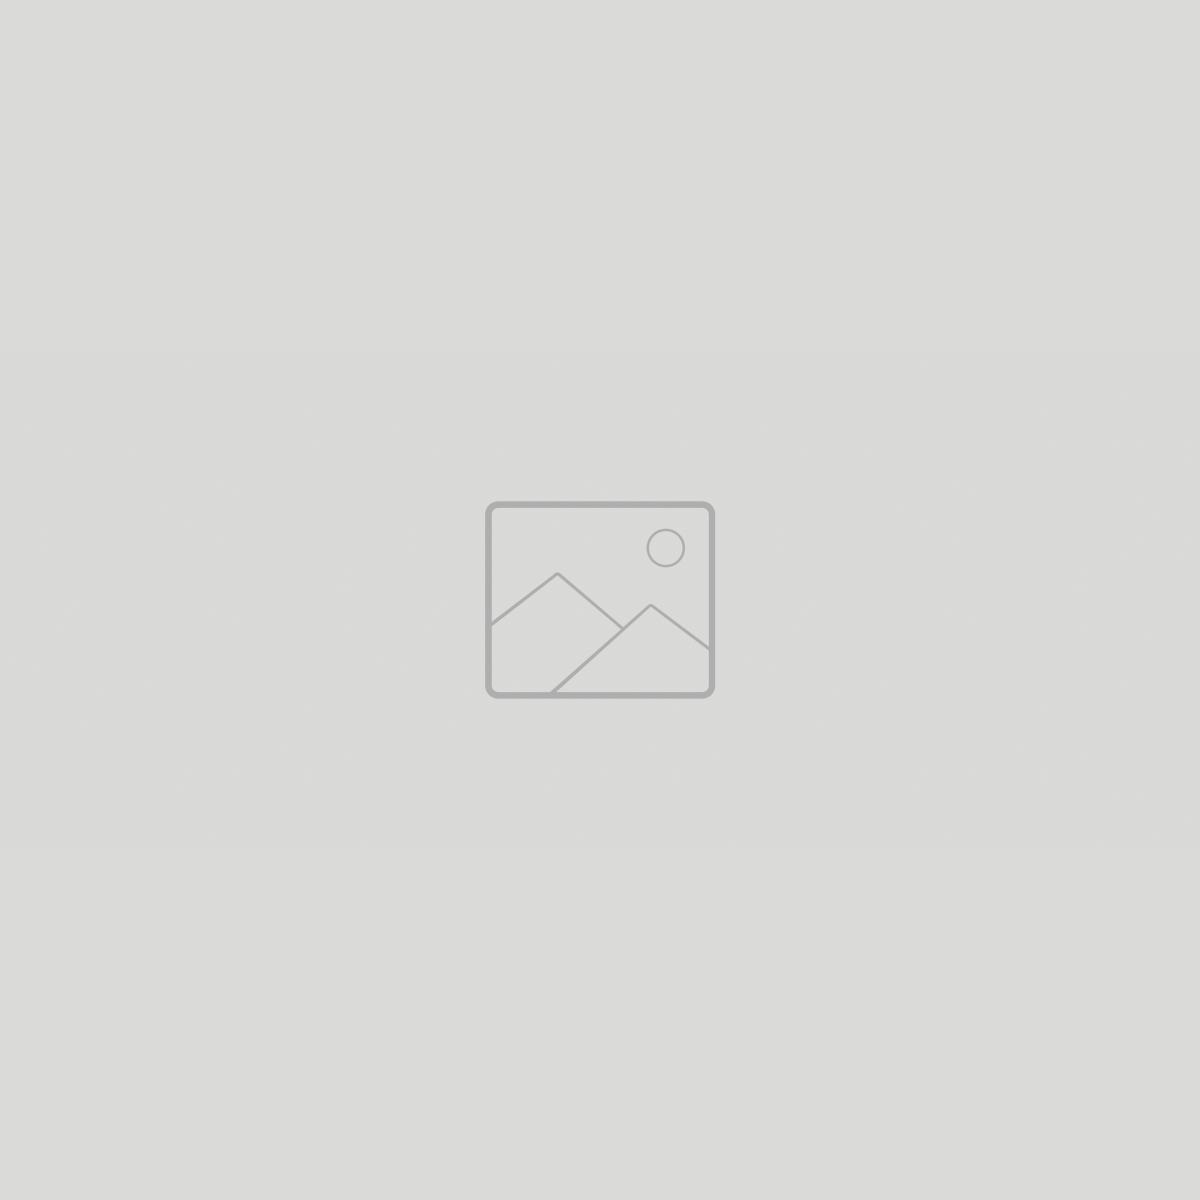 شاشة سامسونج كلاكسي J5 Prime G570 أسود جودة ريفيزا